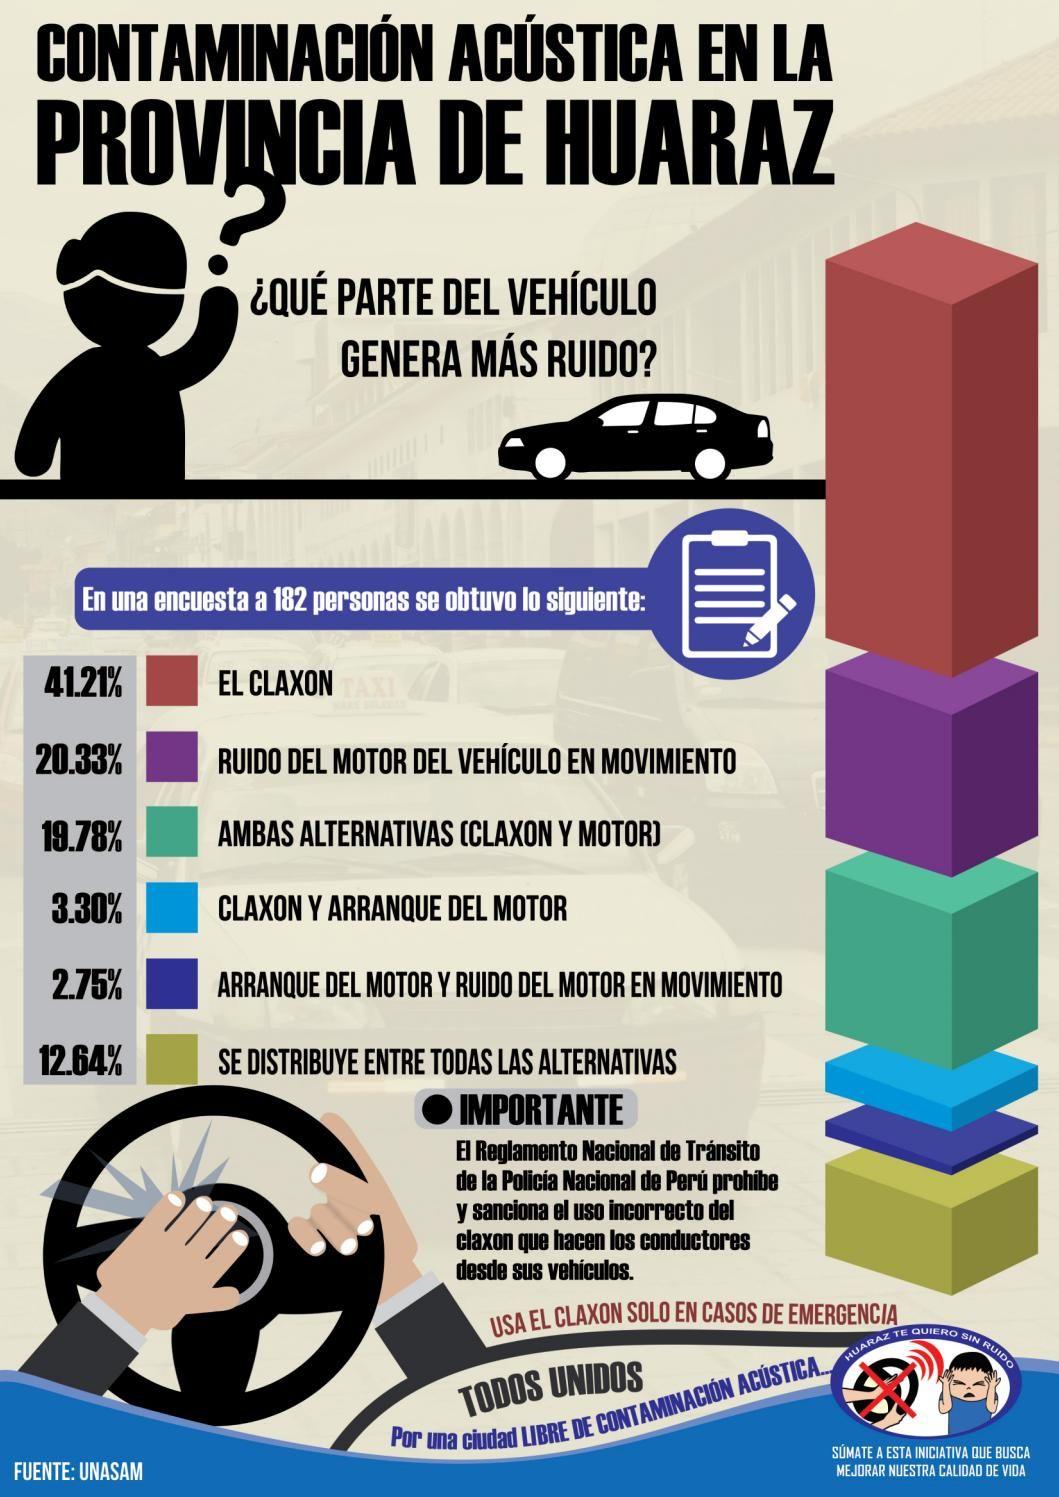 """En la infografía te mostramos que parte del vehículo genera más ruido en la provincia de Huaraz. Proyecto """"Huaraz te quiero sin ruido"""", por una ciudad LIBRE DE CONTAMINACIÓN ACÚSTICA."""